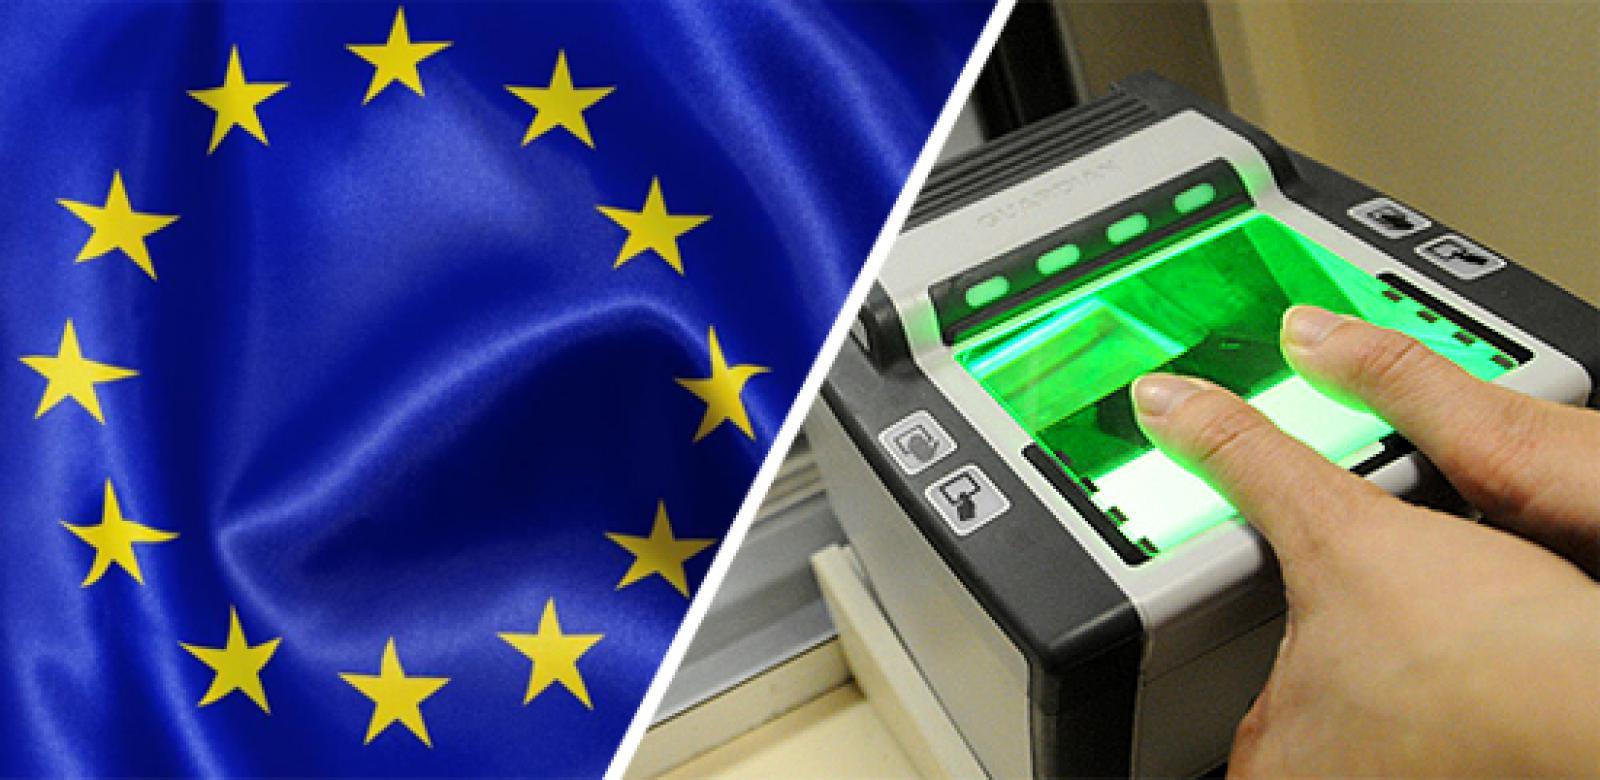 Сдача отпечатков пальцев для оформления визы в Болгарию